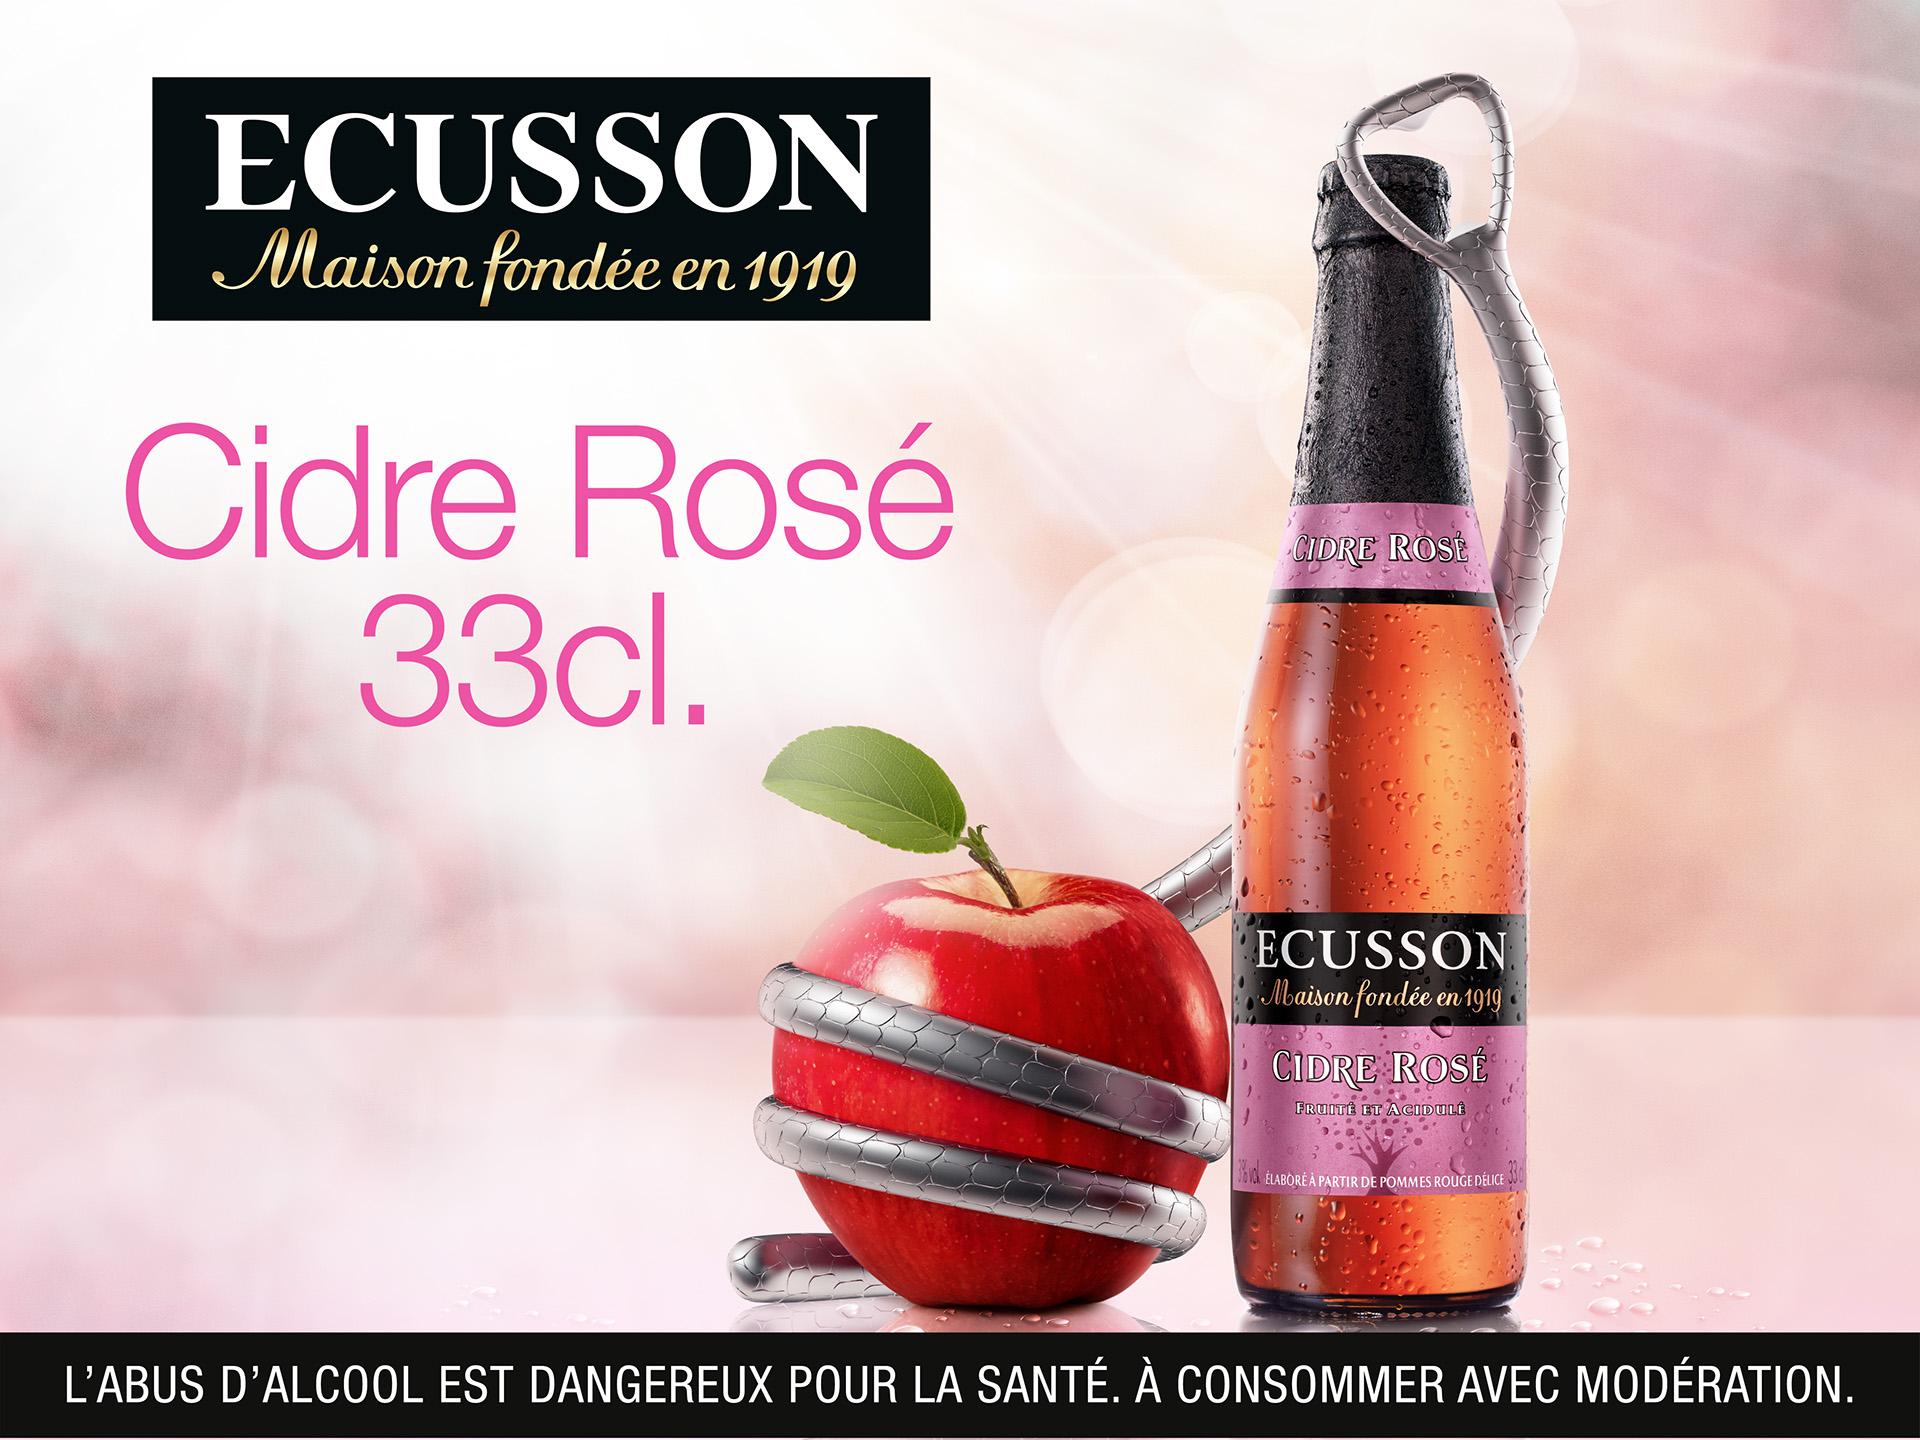 Ecusson cidre rose - Timothée Vigouroux